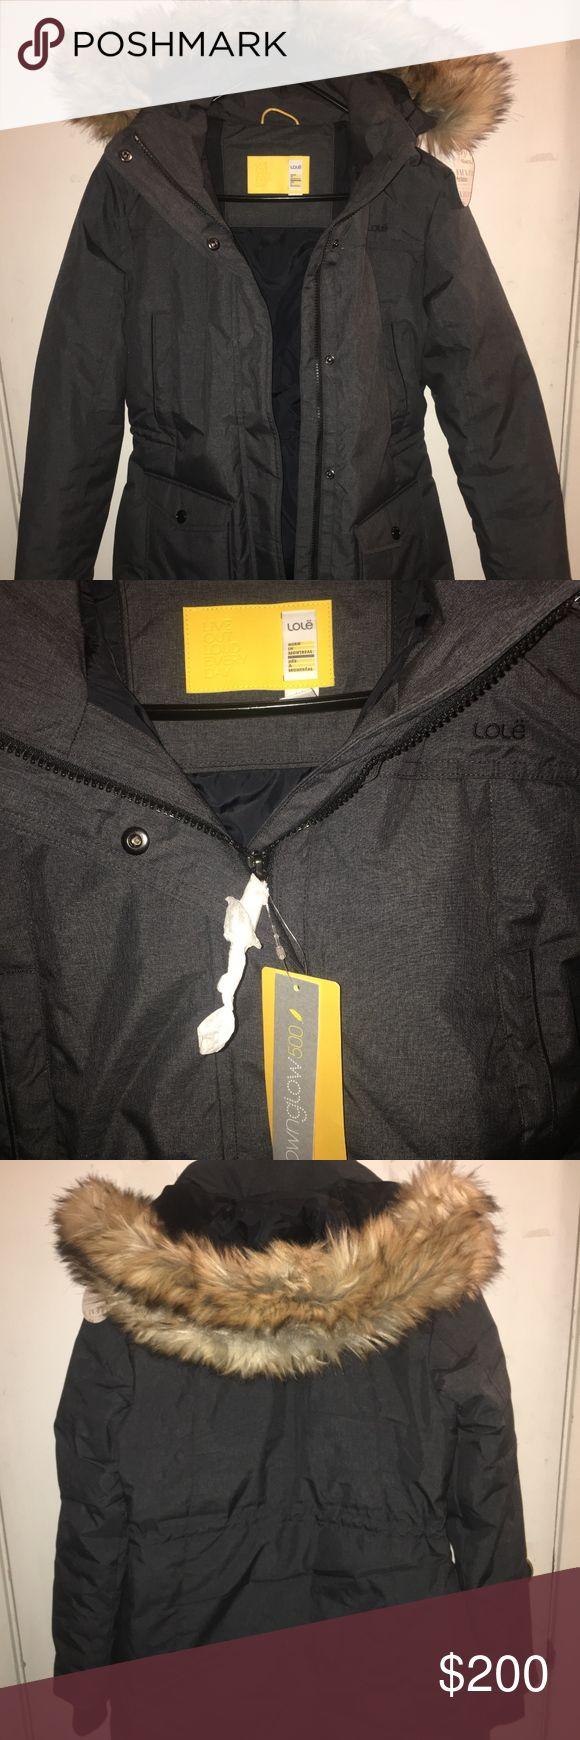 Winter coat Downglow™ 500 insulation jacket with detachable faux fur hood https://www.lolewomen.com/luw0488.html Lole Jackets & Coats Puffers